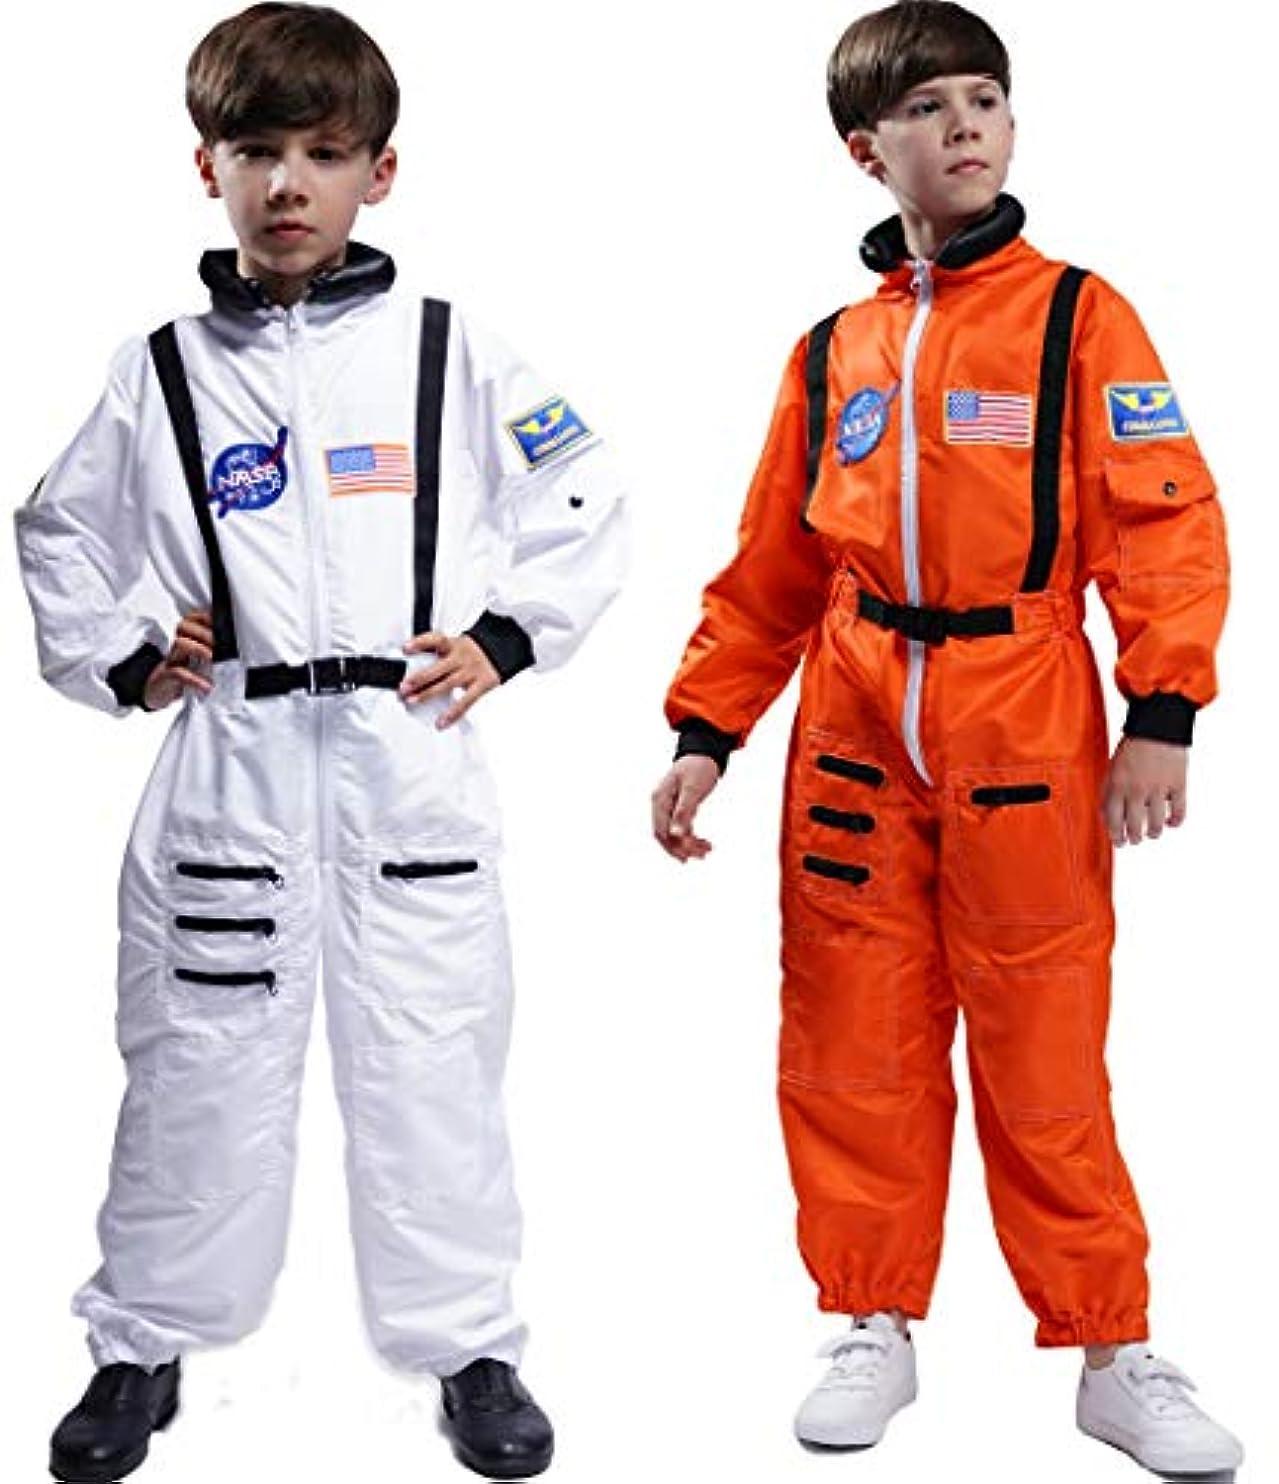 花火プライムデジタルMaxim Party Supplies 子供用宇宙飛行士コスチューム 宇宙スーツ ワンジー 刺繍パッチとポケット付き